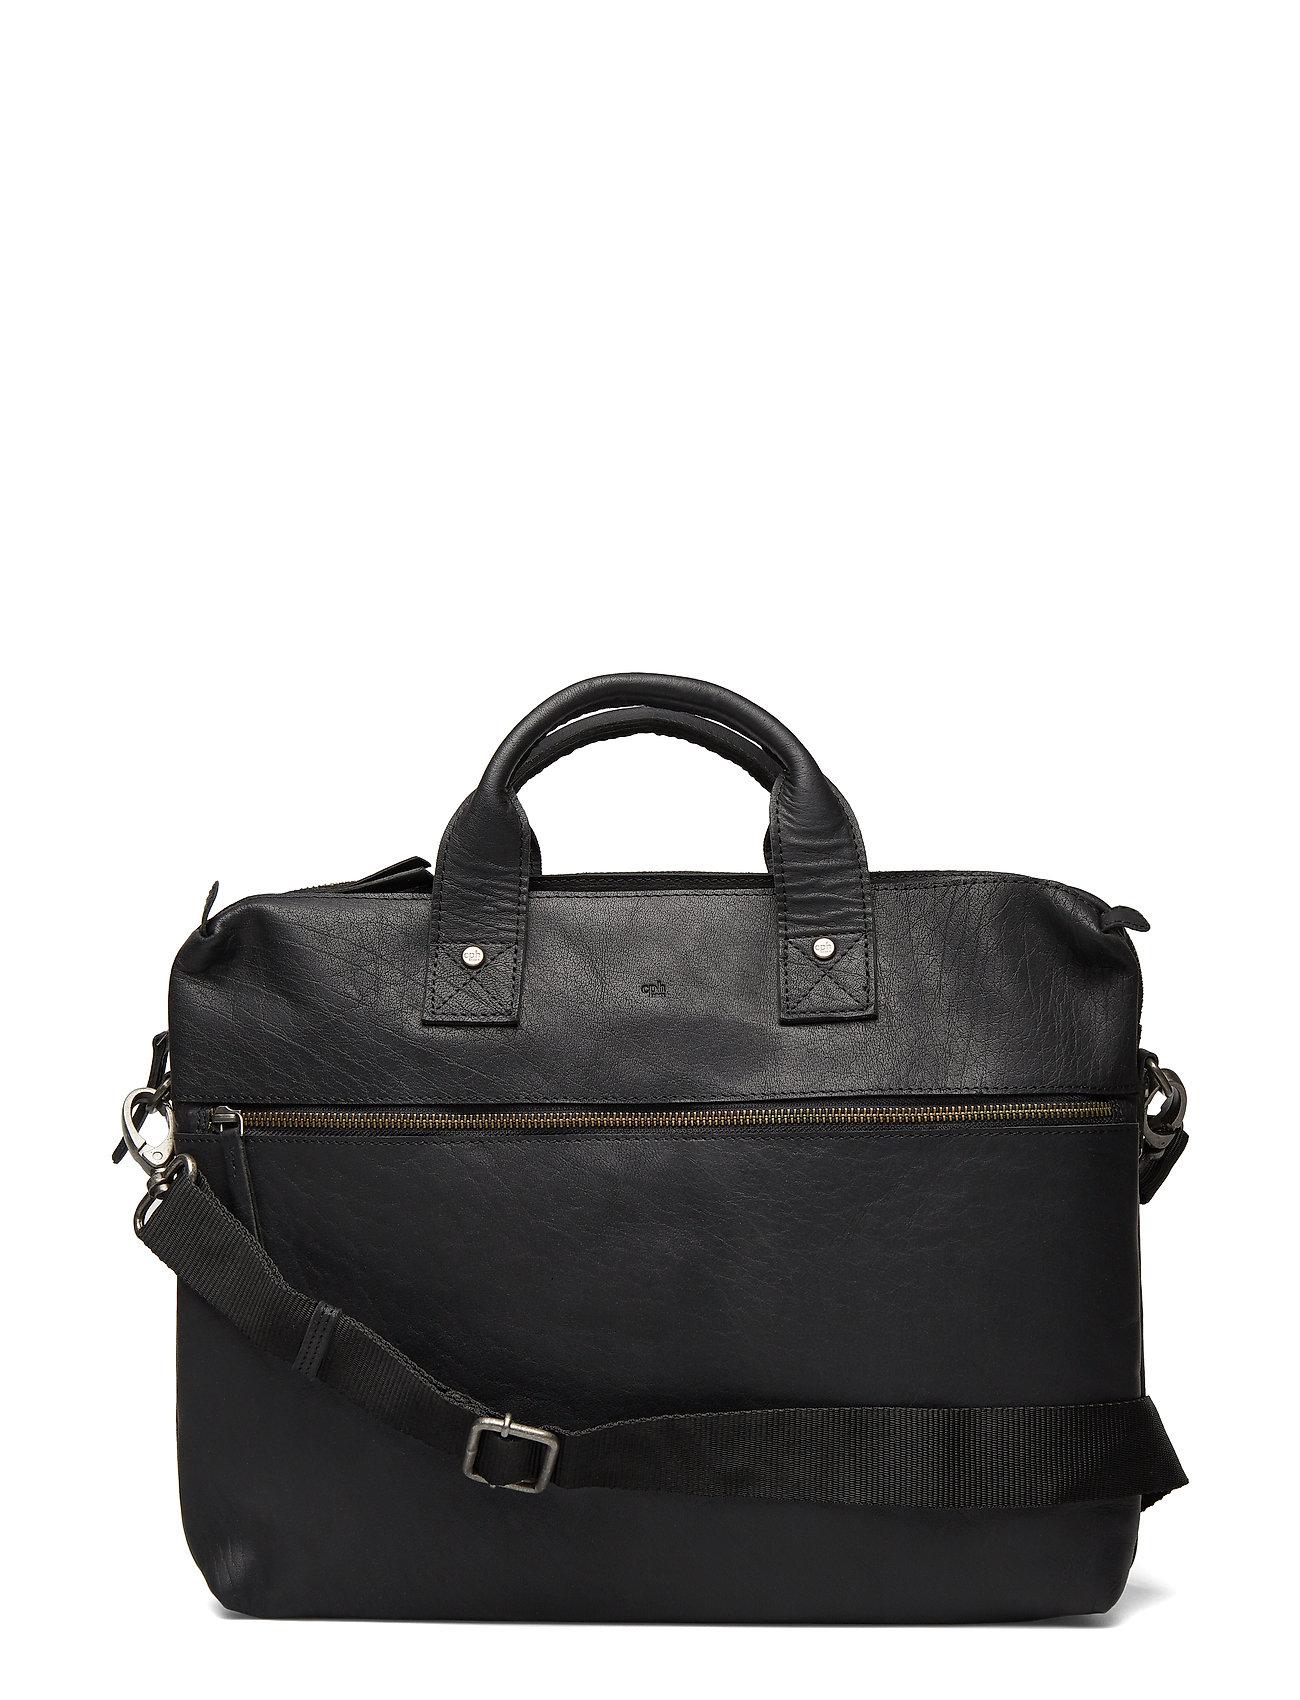 Kb3 Working Bag Daniel - Adax